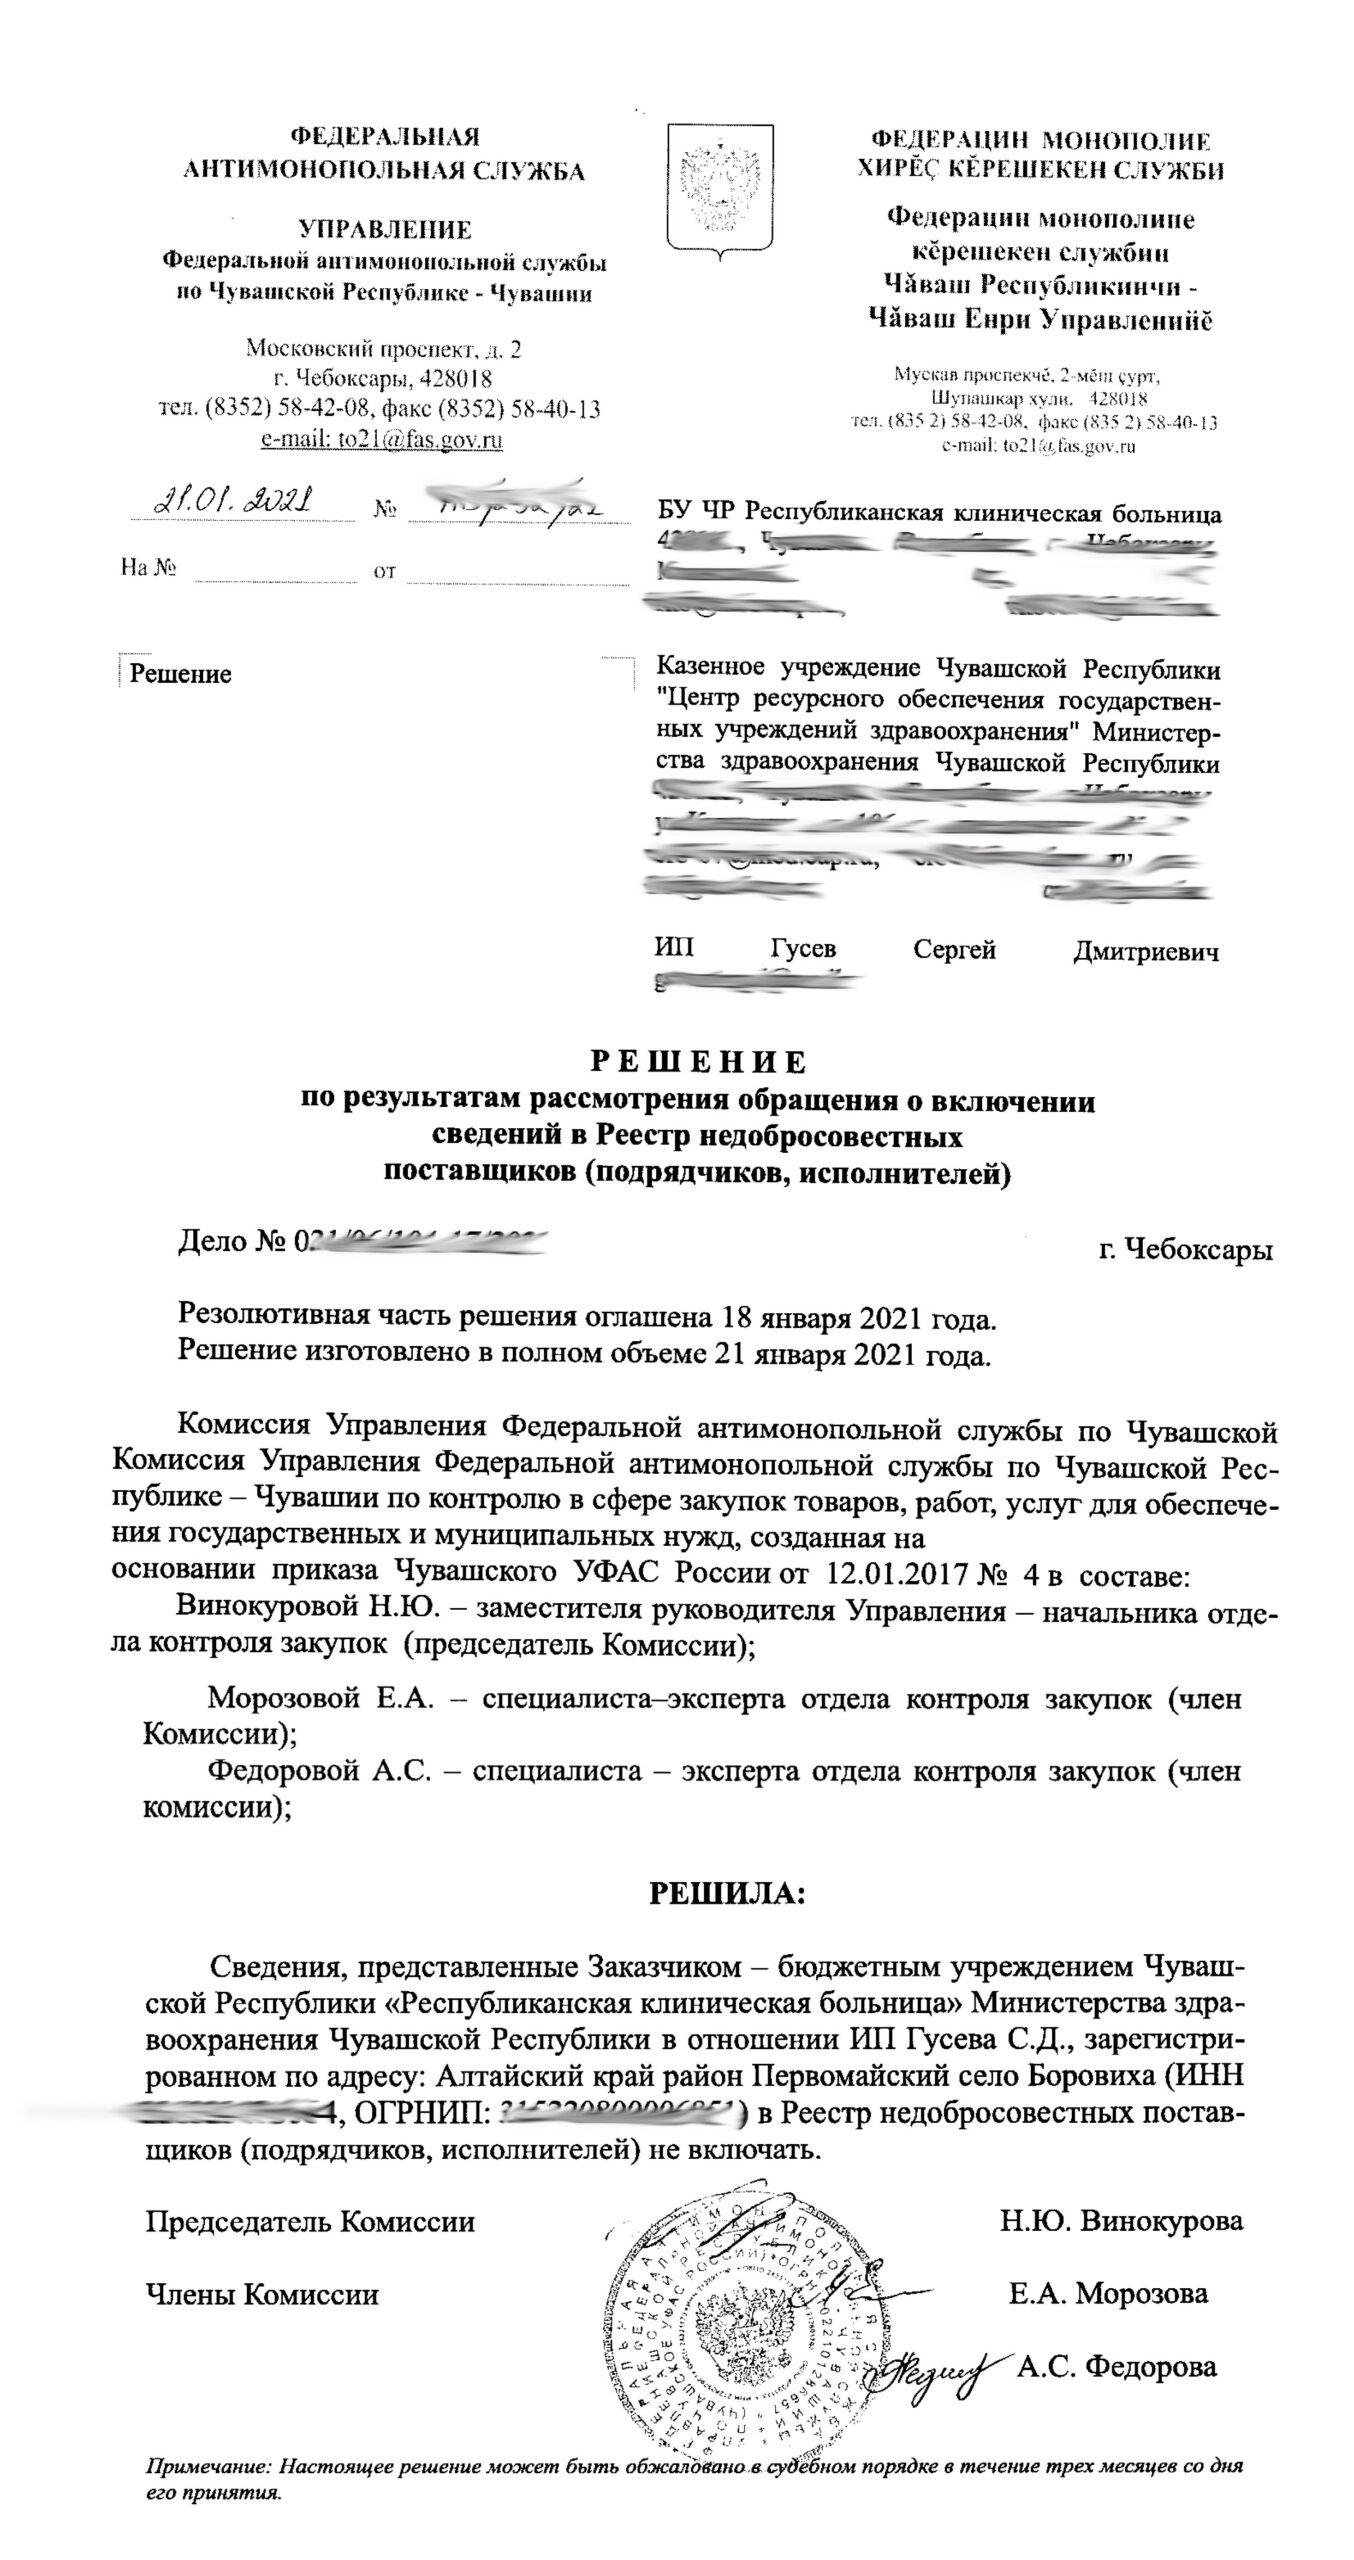 Чувашское УФАС ИП Гусев С.Д.